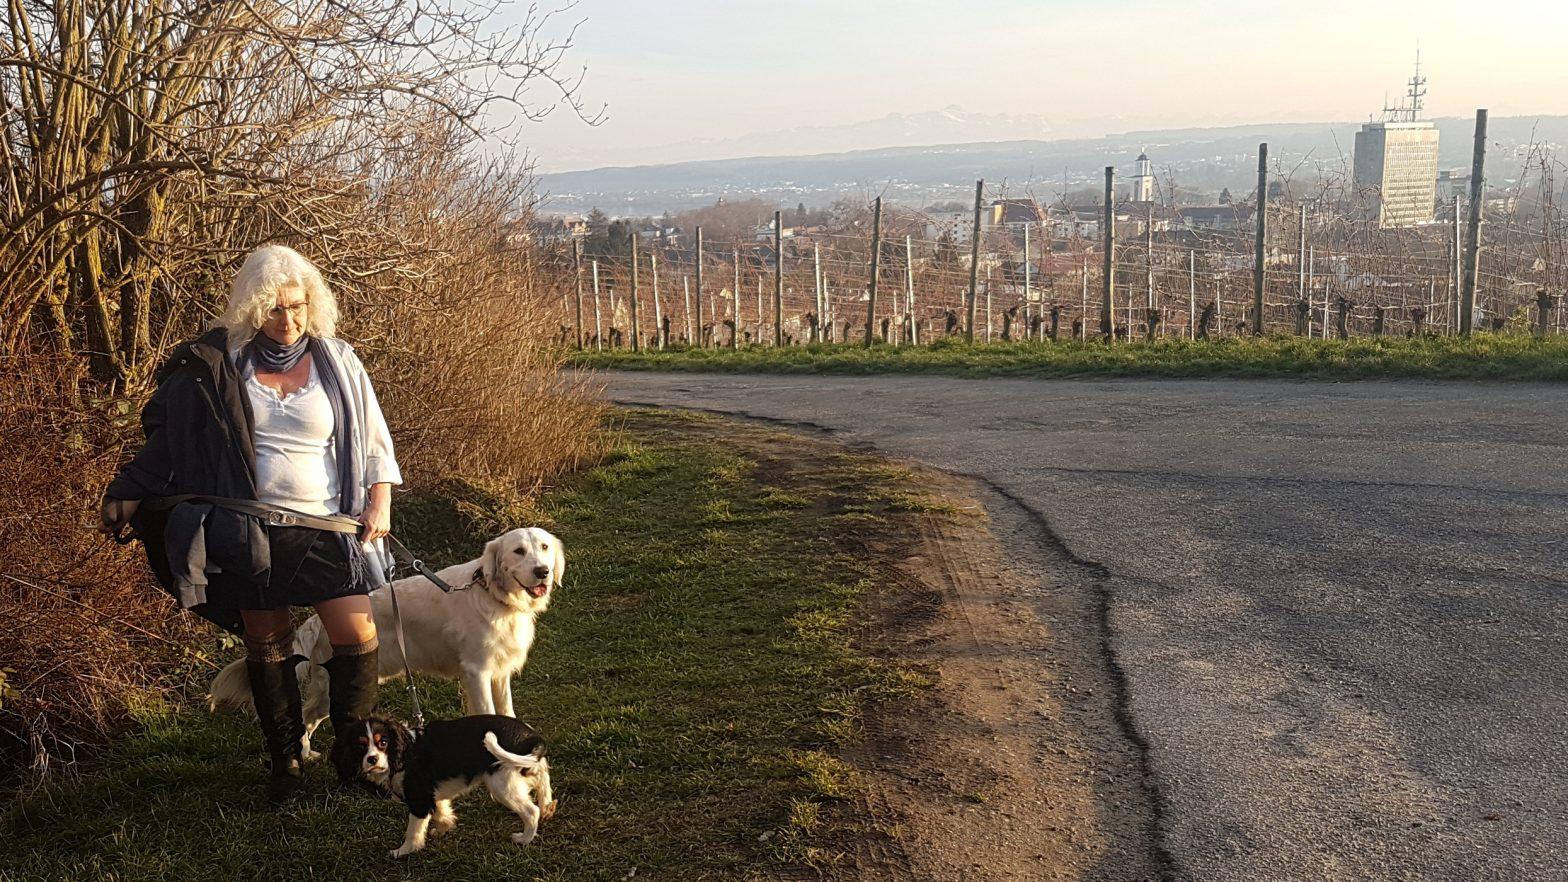 Jungs, Richie und Gismo (Hunde) und Ute am Bismarckturm - utele eu